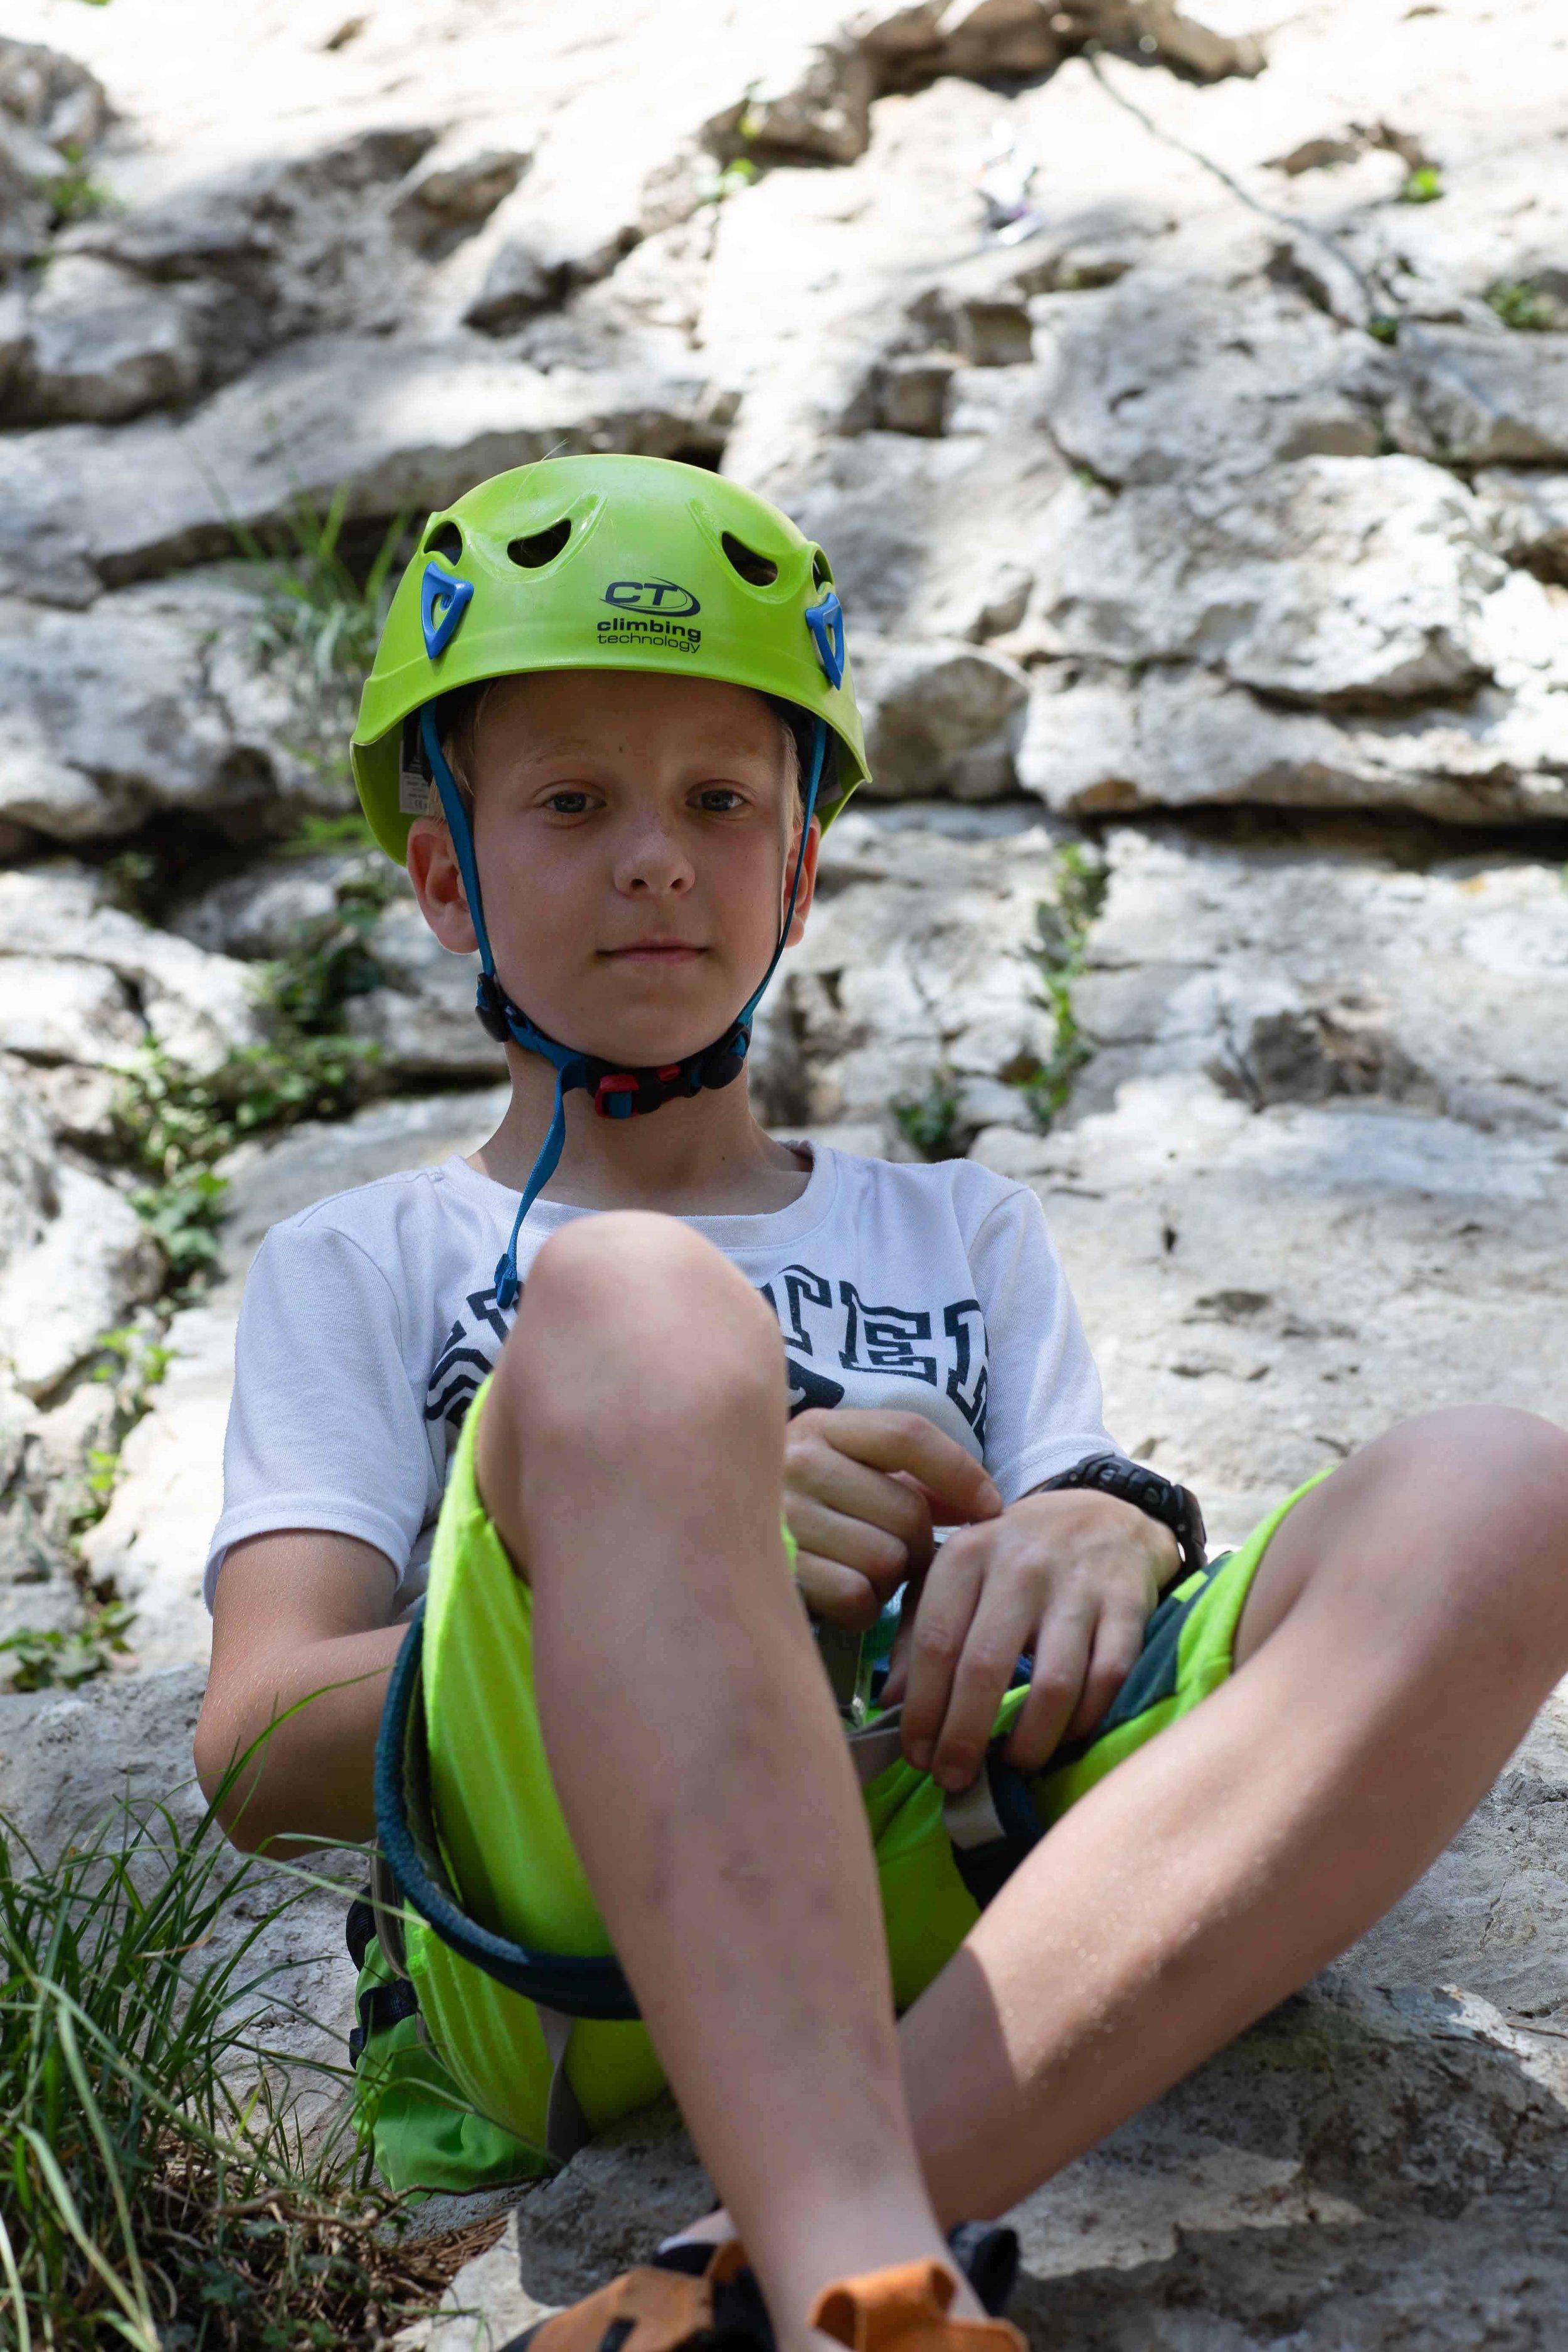 Zaključni plezalni izlet za otroke Grif_18.jpg